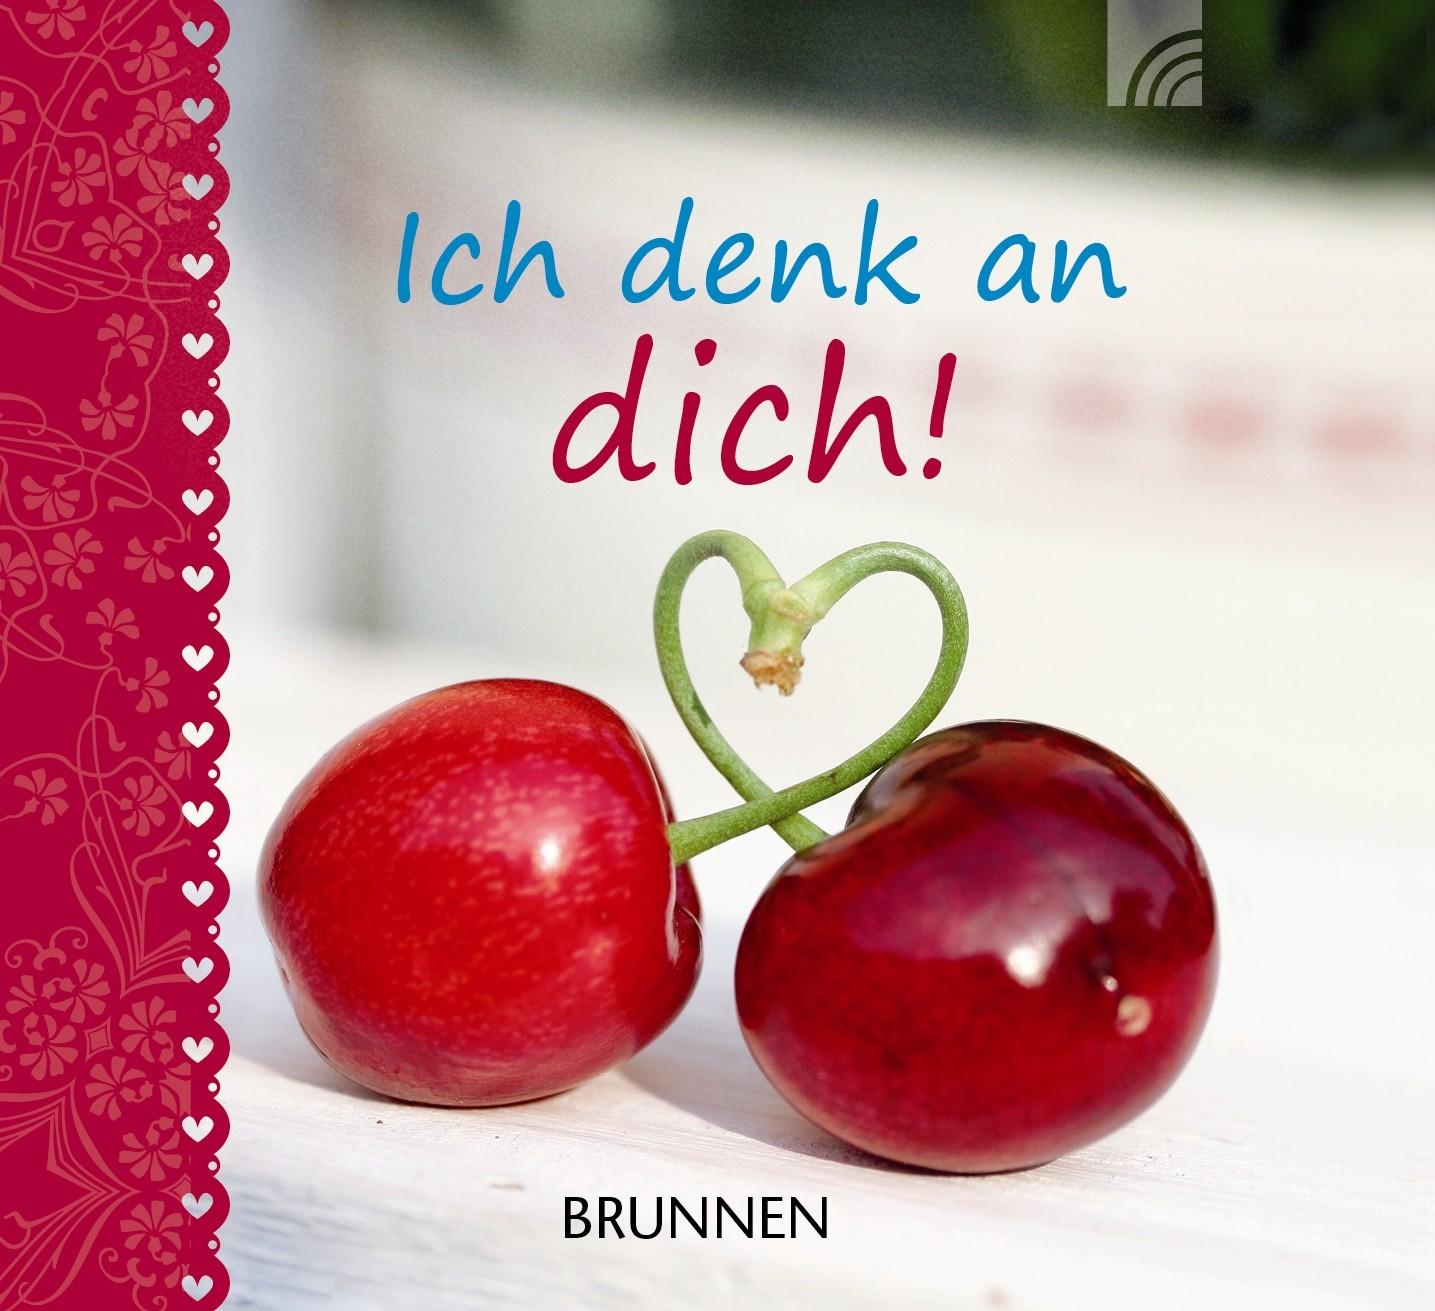 """Geschenkbüchlein """"Ich denk an dich!"""" ISBN 978-3-7655-1290-2"""